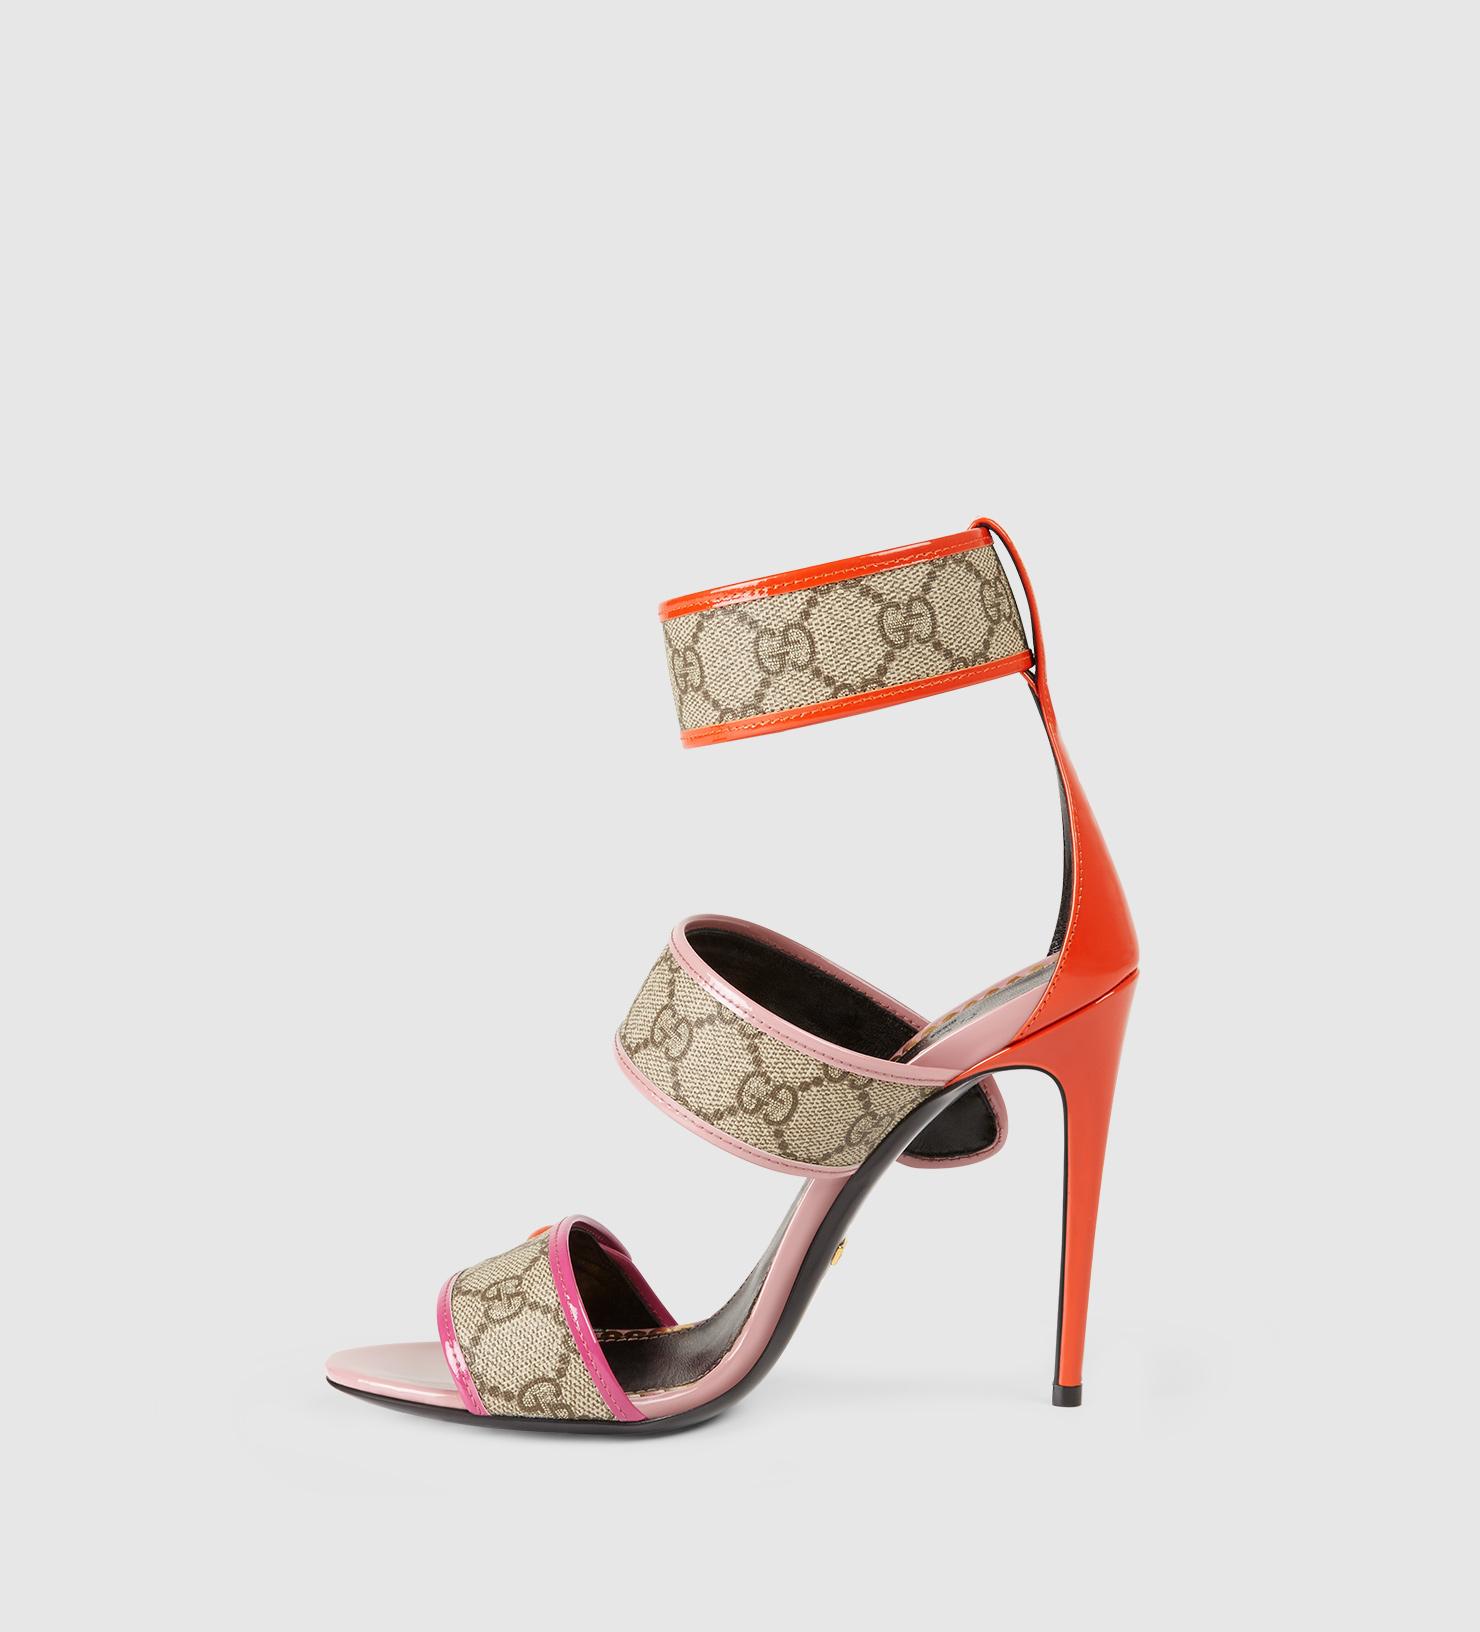 4ec1e5544 Gucci Gg Supreme Sandal in Orange - Lyst